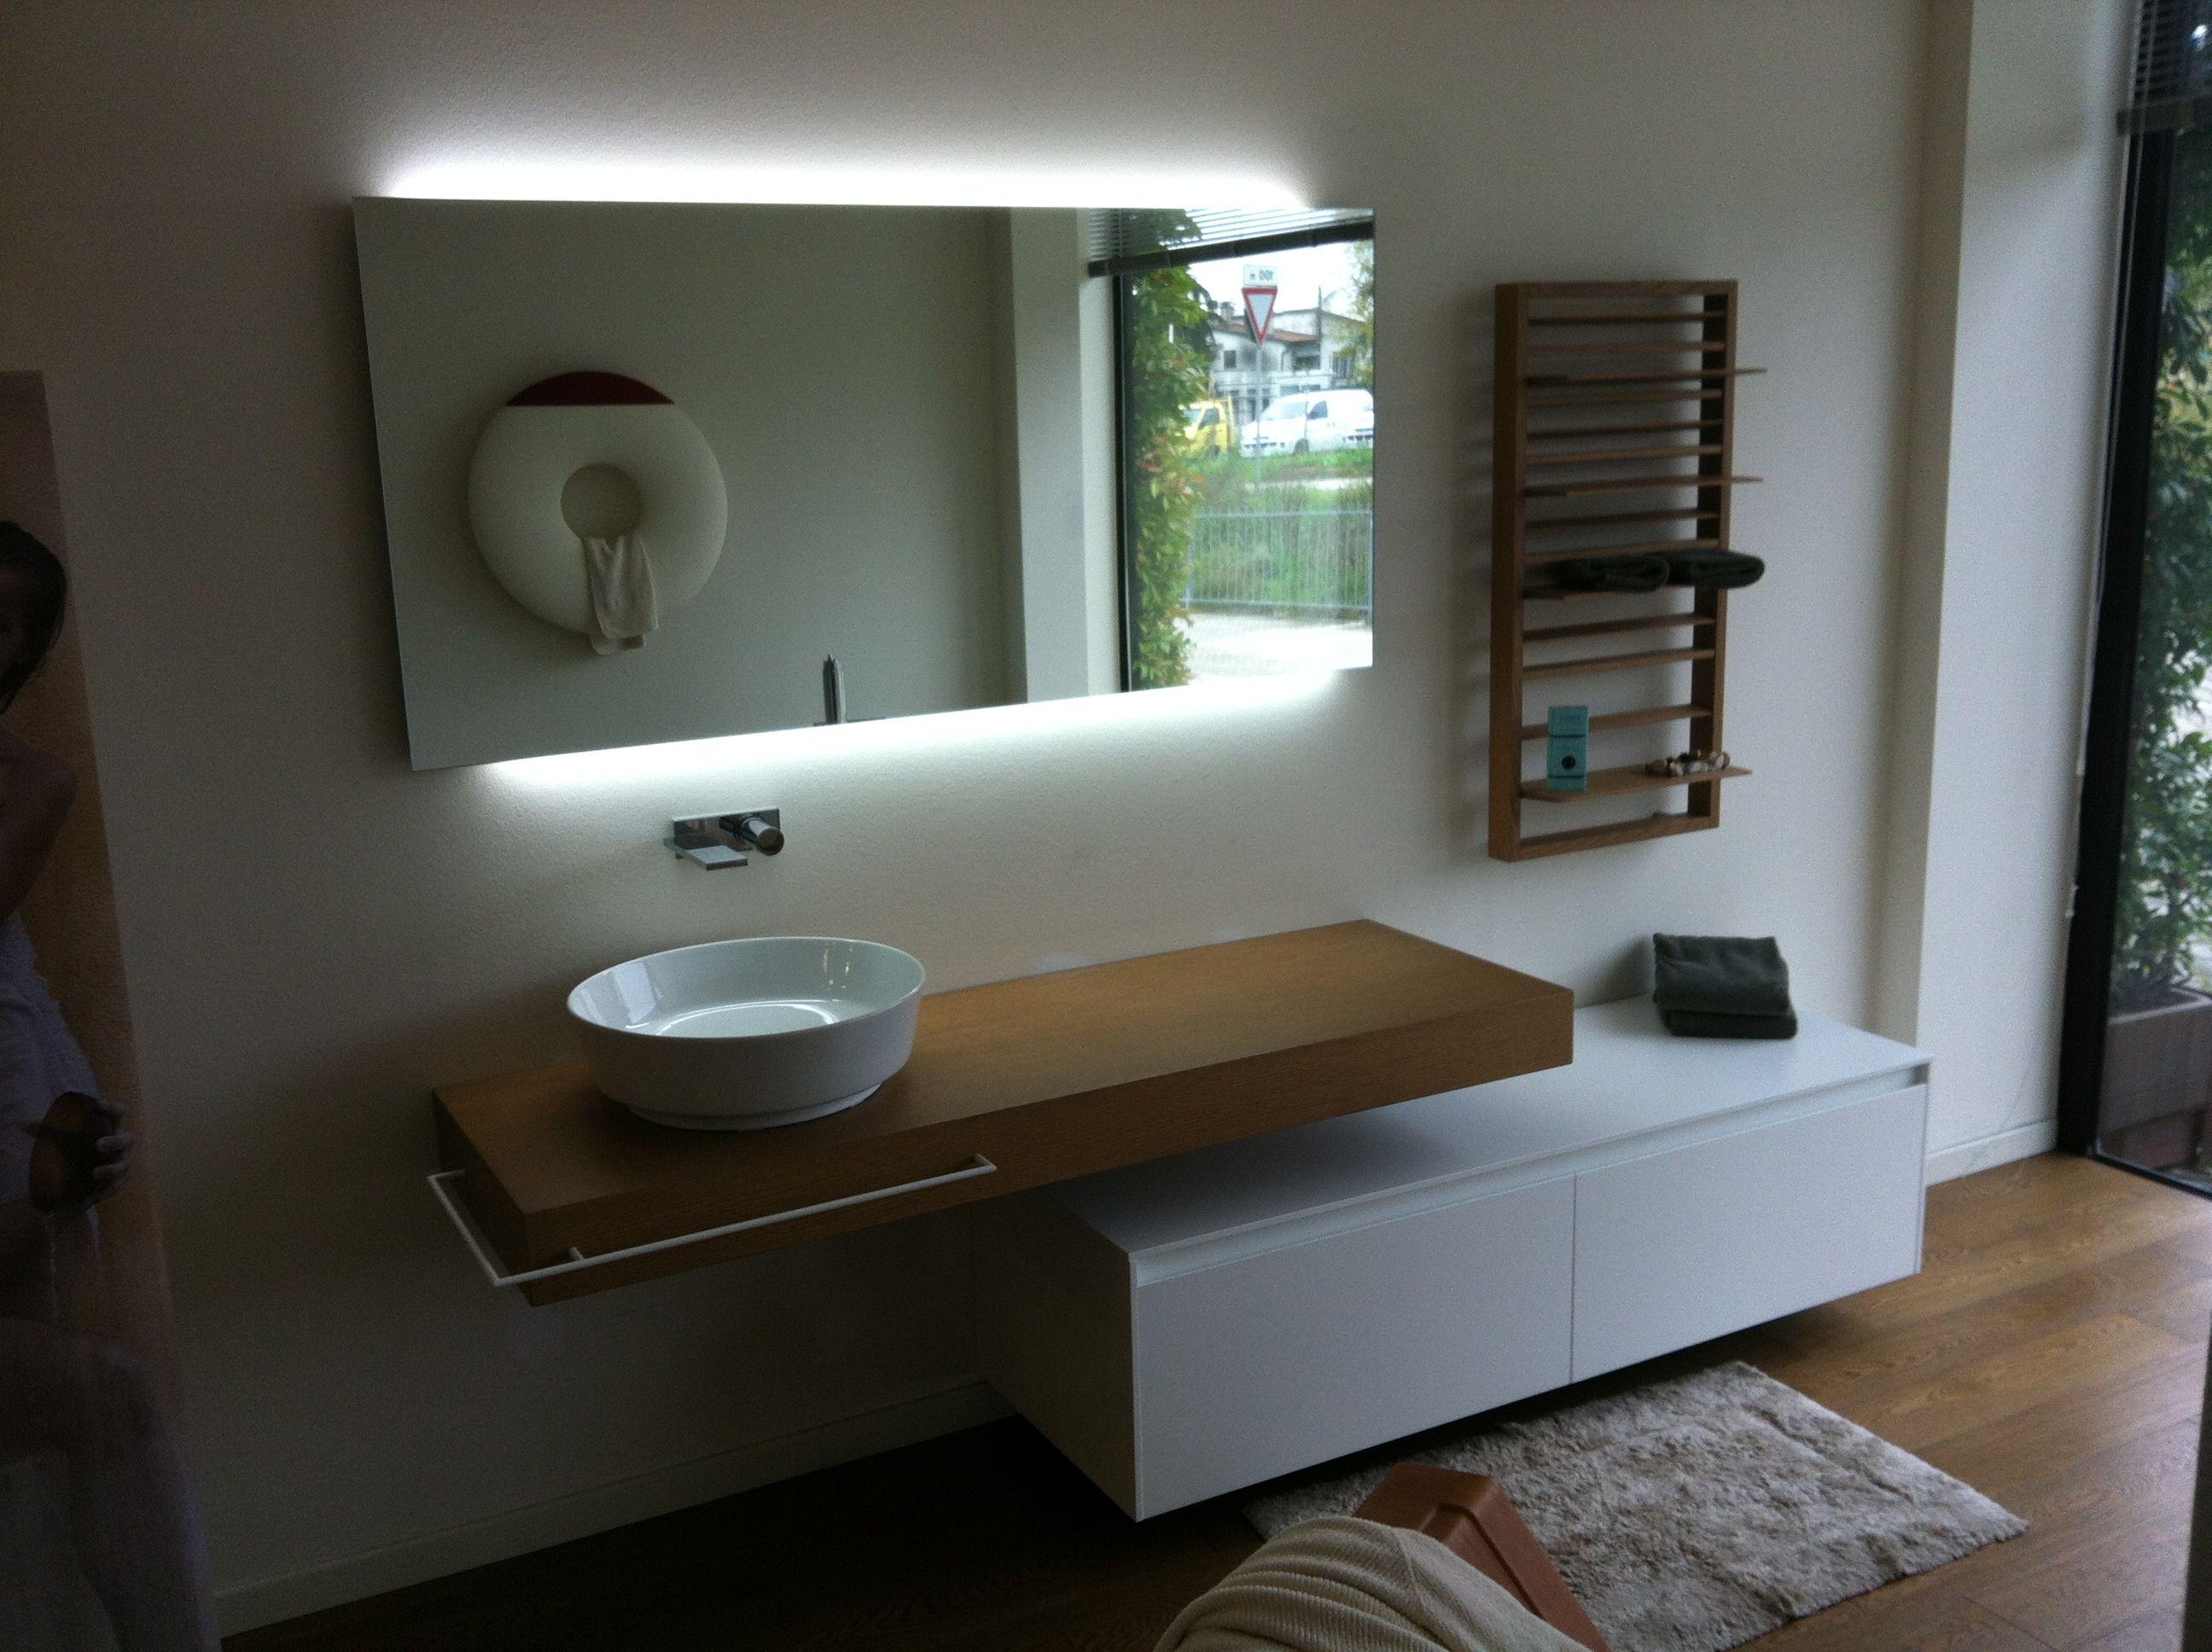 Altezza lavabi decora la tua vita - Altezza lavabo bagno ...